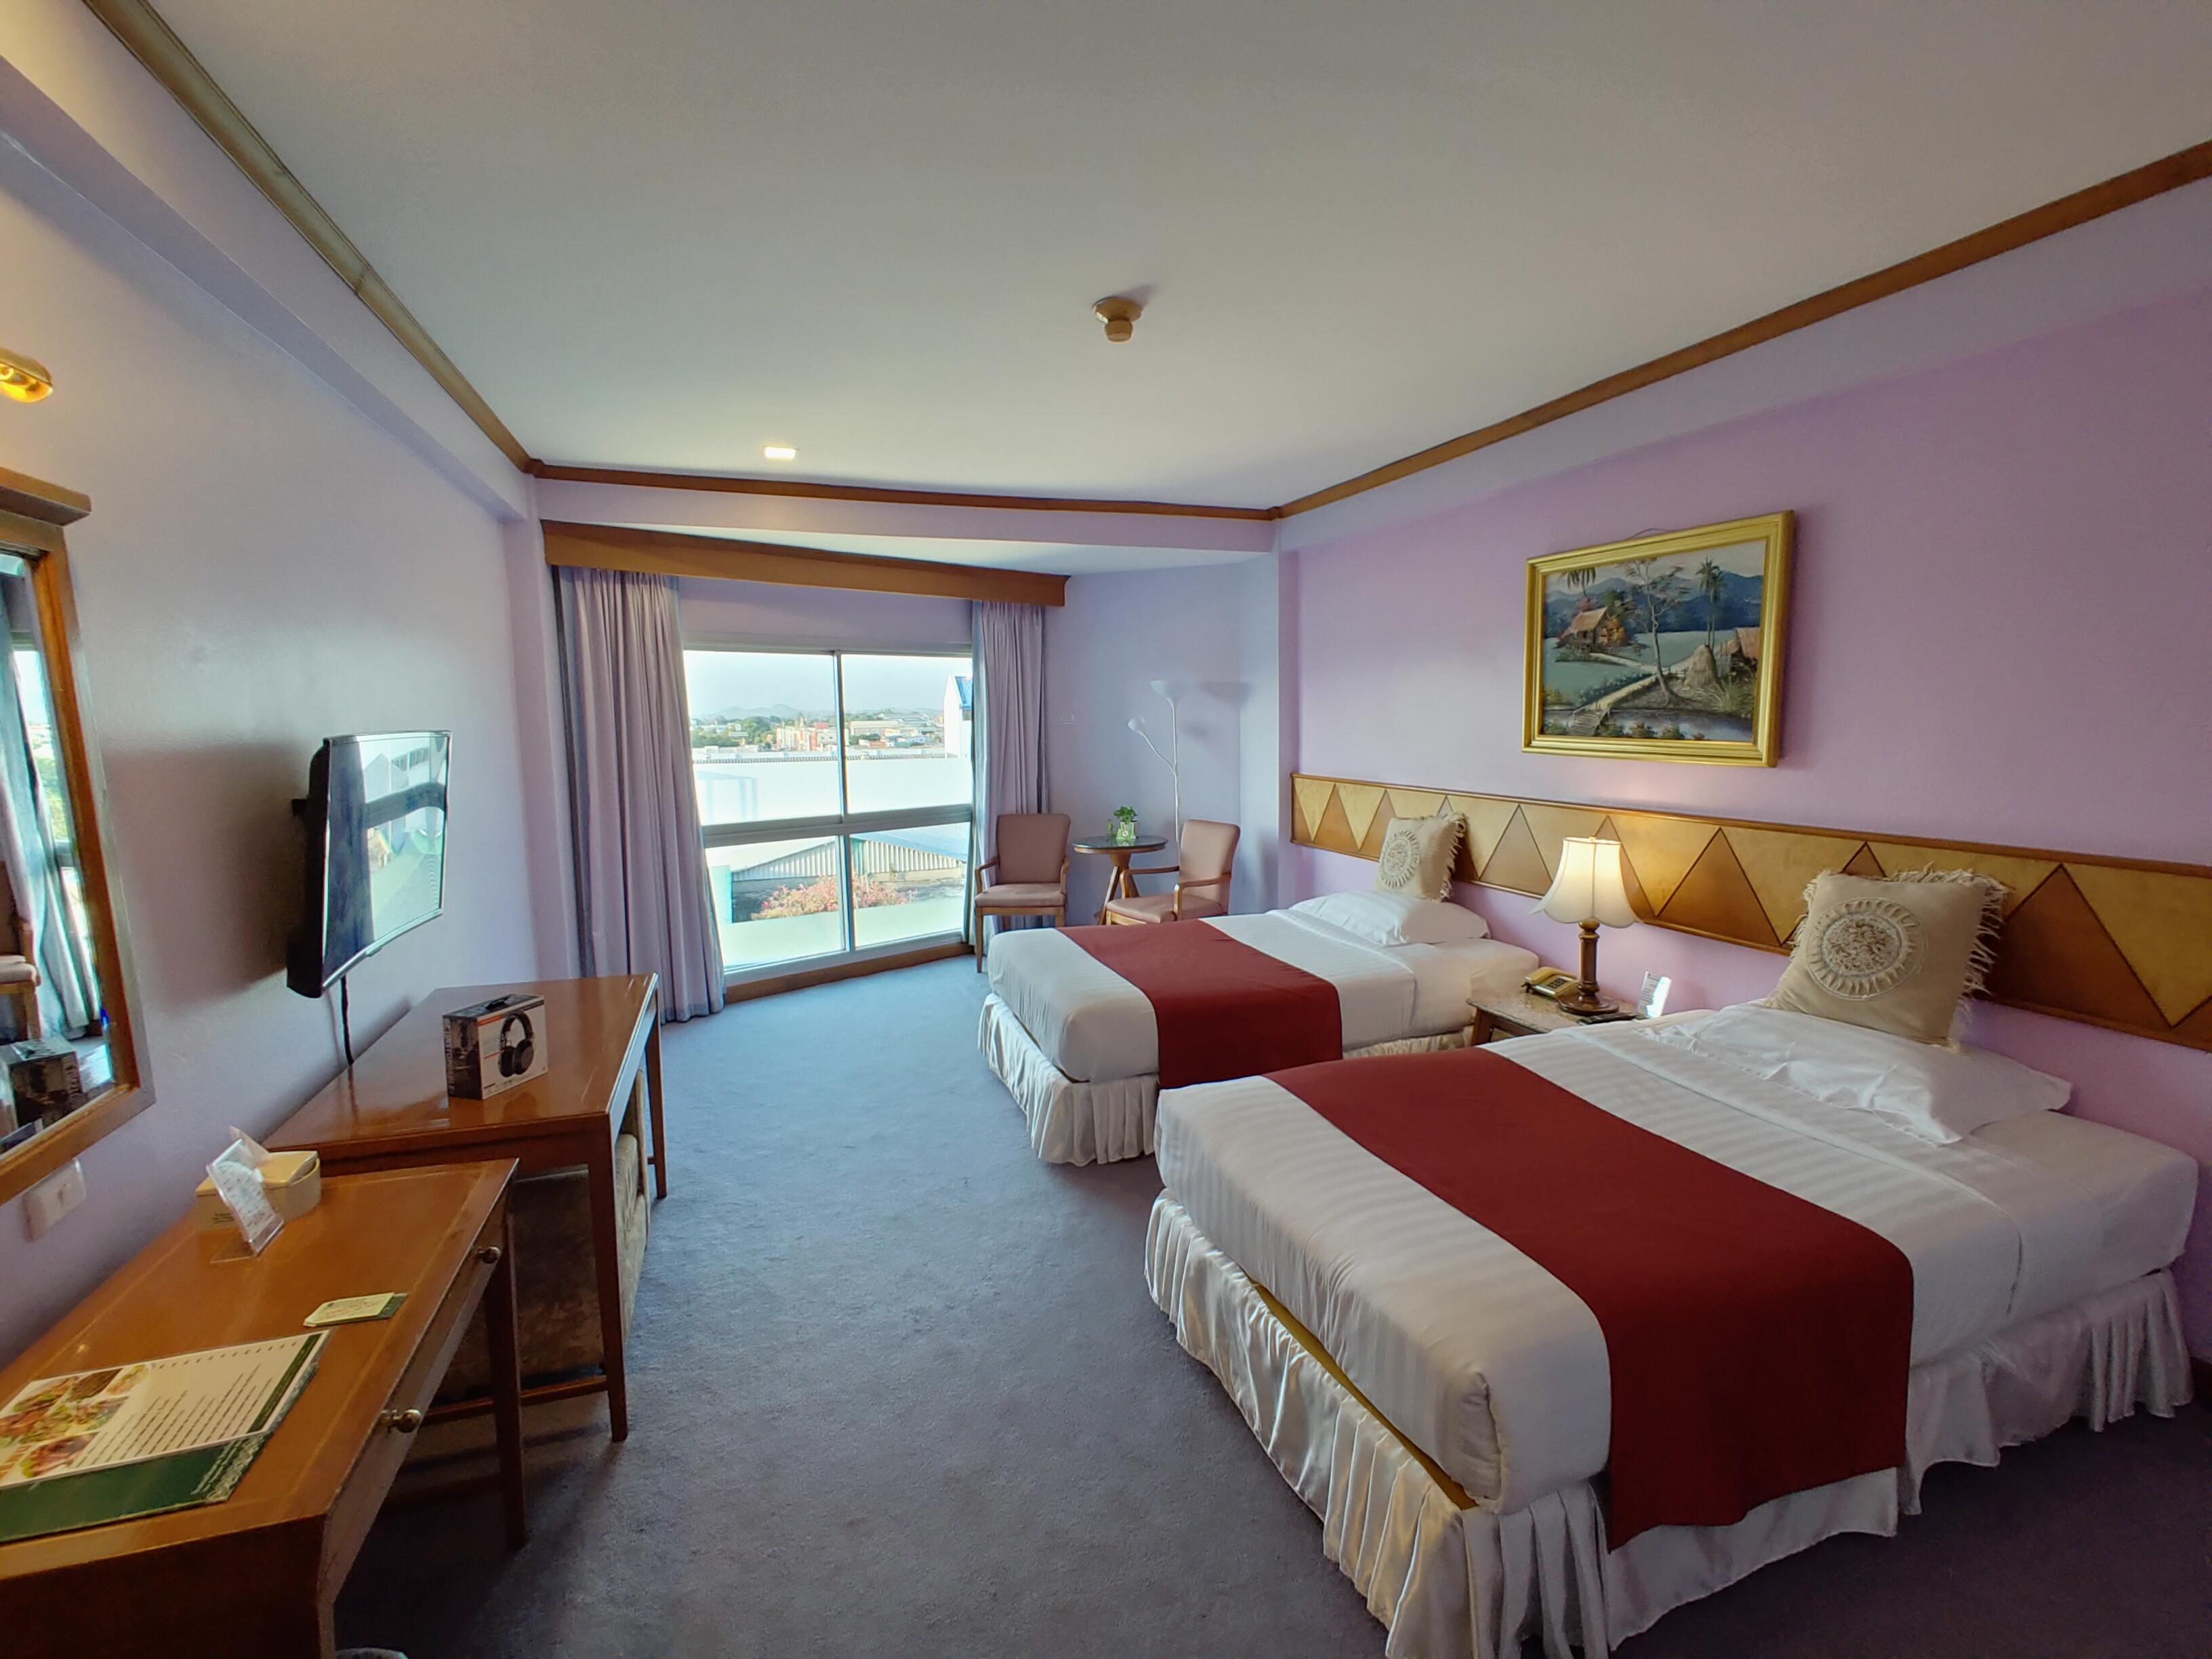 ภายในห้องพักของโรงแรมเวียงตากริเวอร์ไซด์ ห้องพักเป็นแบบเตียงคู่ มีโต๊ะเครื่องแป้ง มีโต๊ะวางทีวี